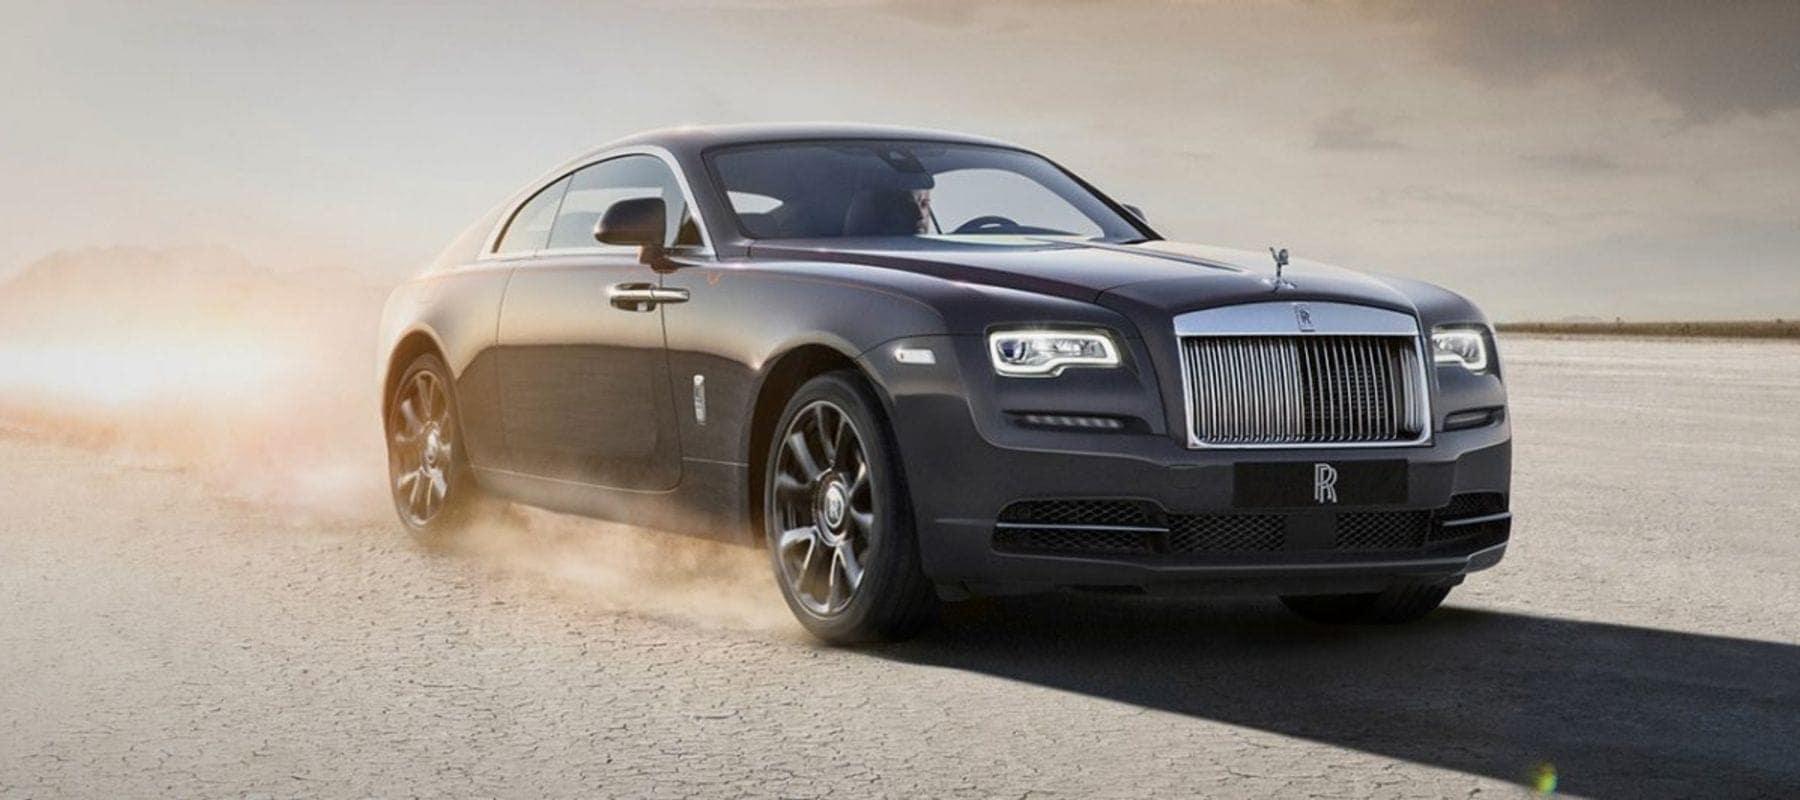 Rolls Royce Wraith For Sale >> Rolls Royce Wraith Rolls Royce Motor Cars Pasadena